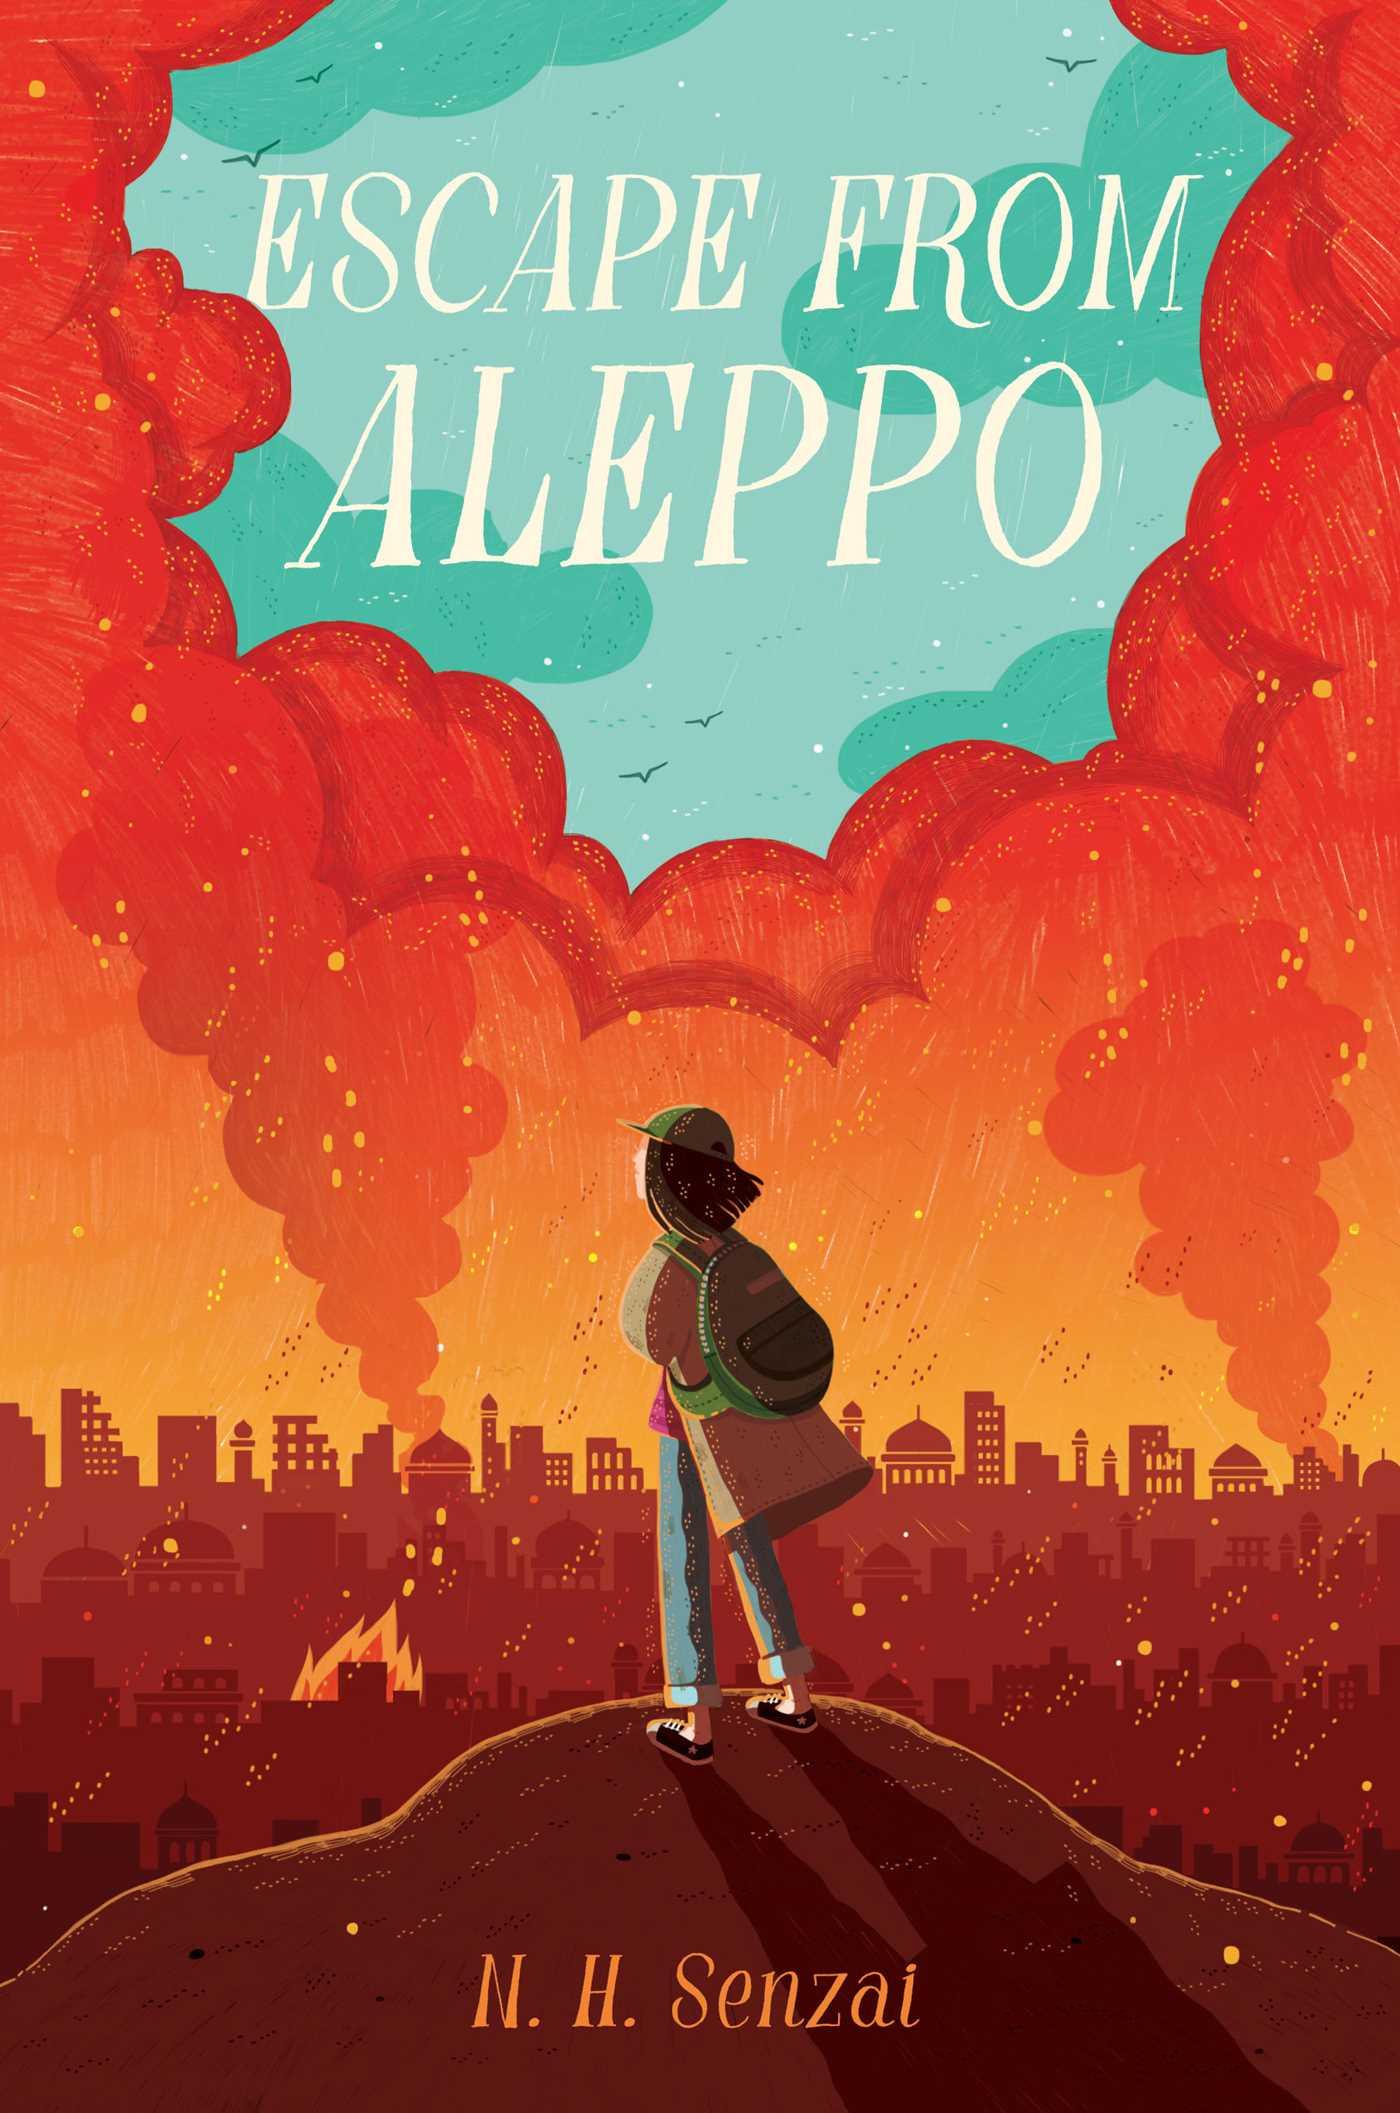 Escape from aleppo 9781481472173 hr